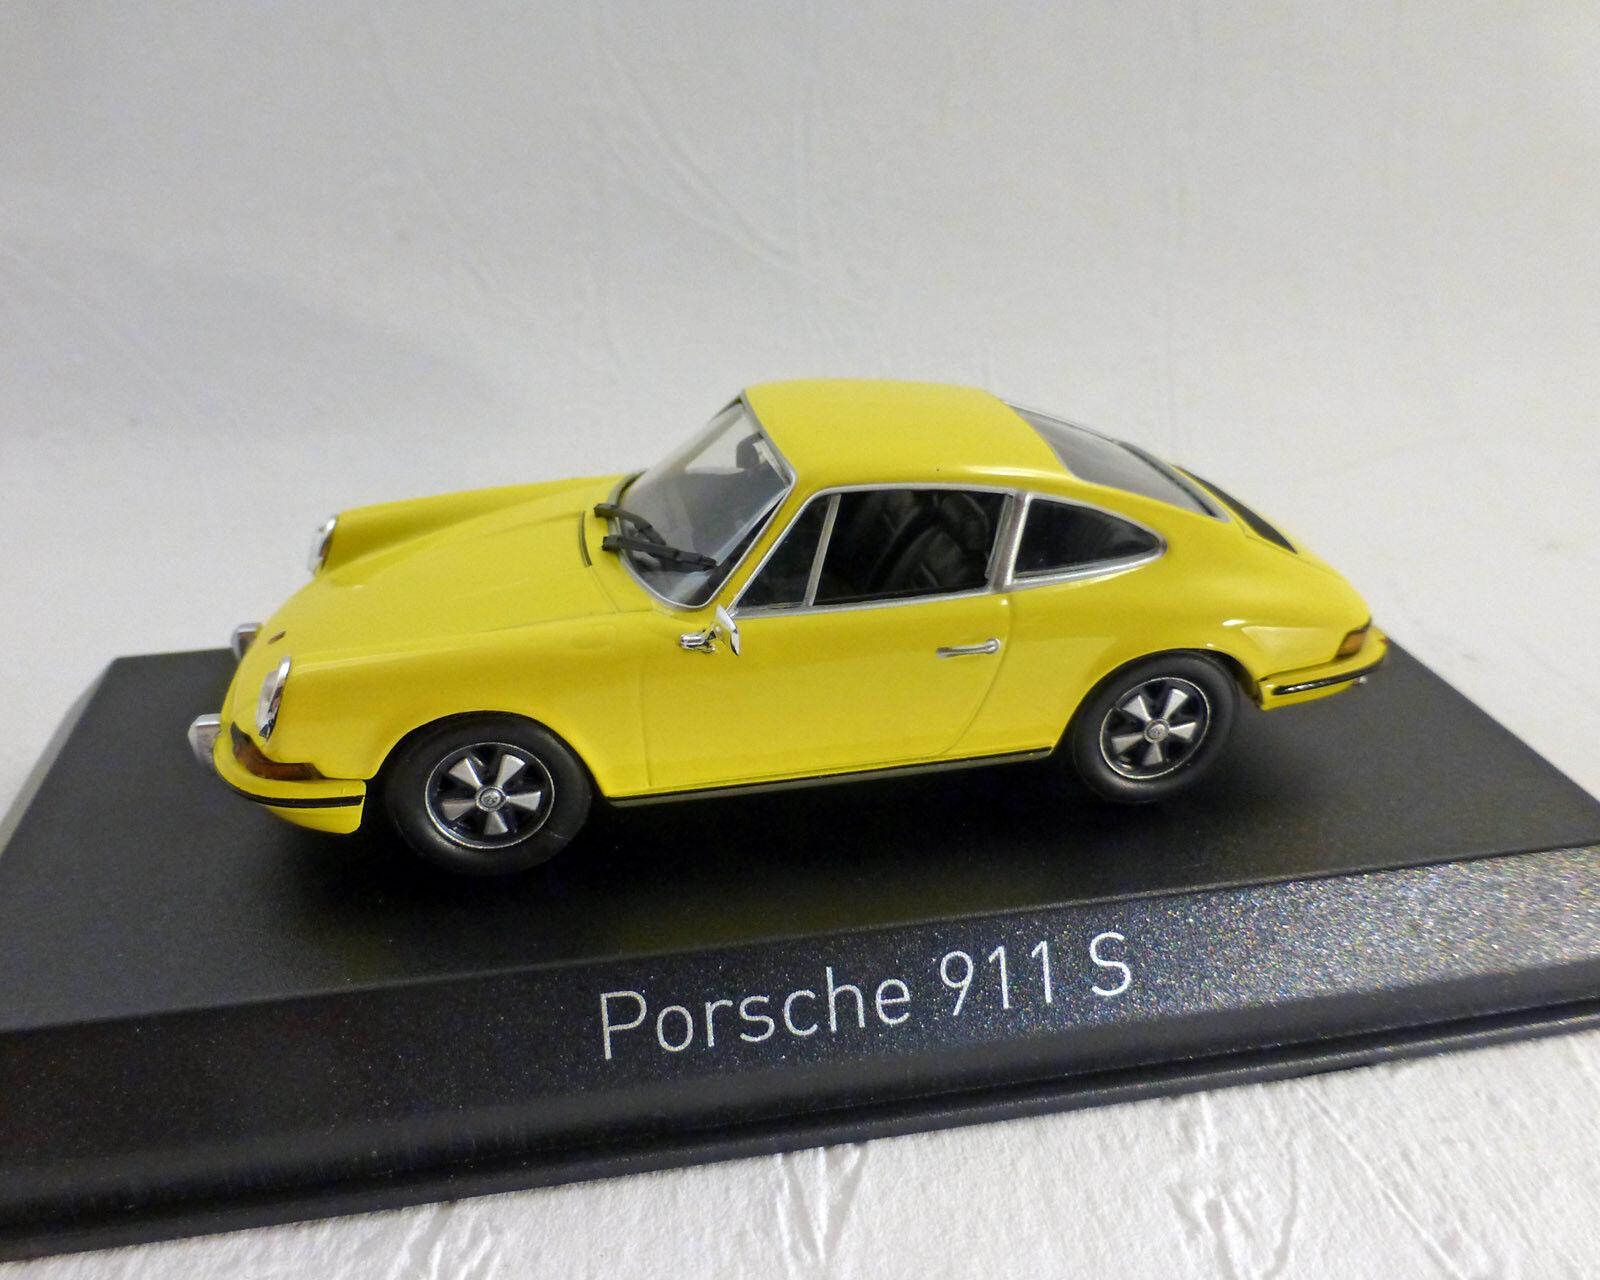 Porsche 911 S, Yellow, Norev 1 43